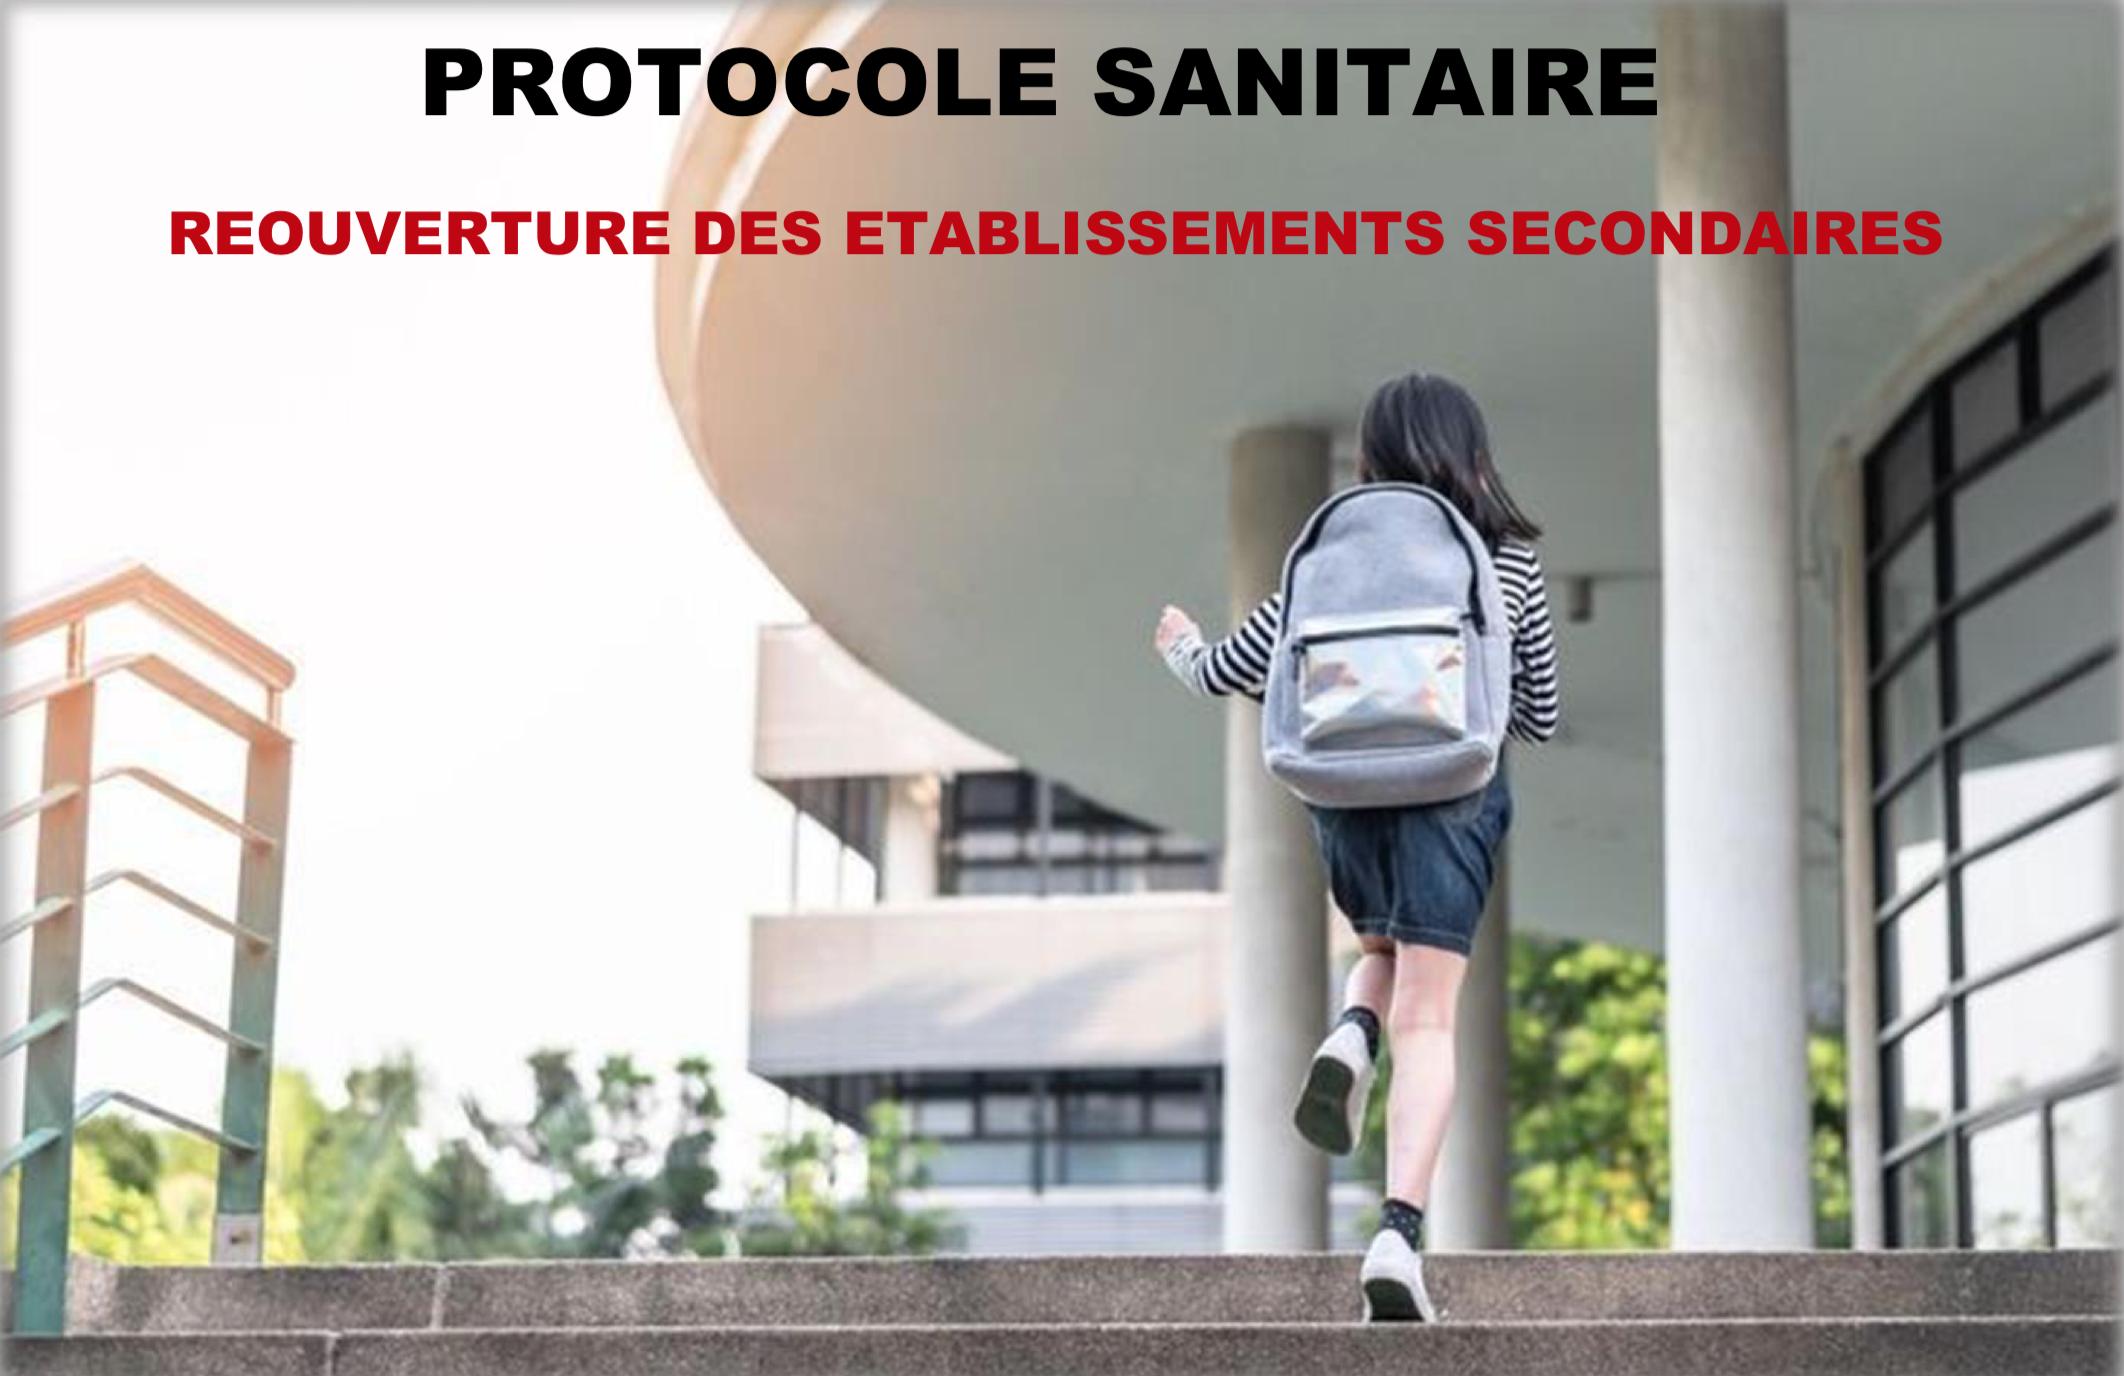 Protocole sanitaire proposé par le Ministère de l'Éducation nationale